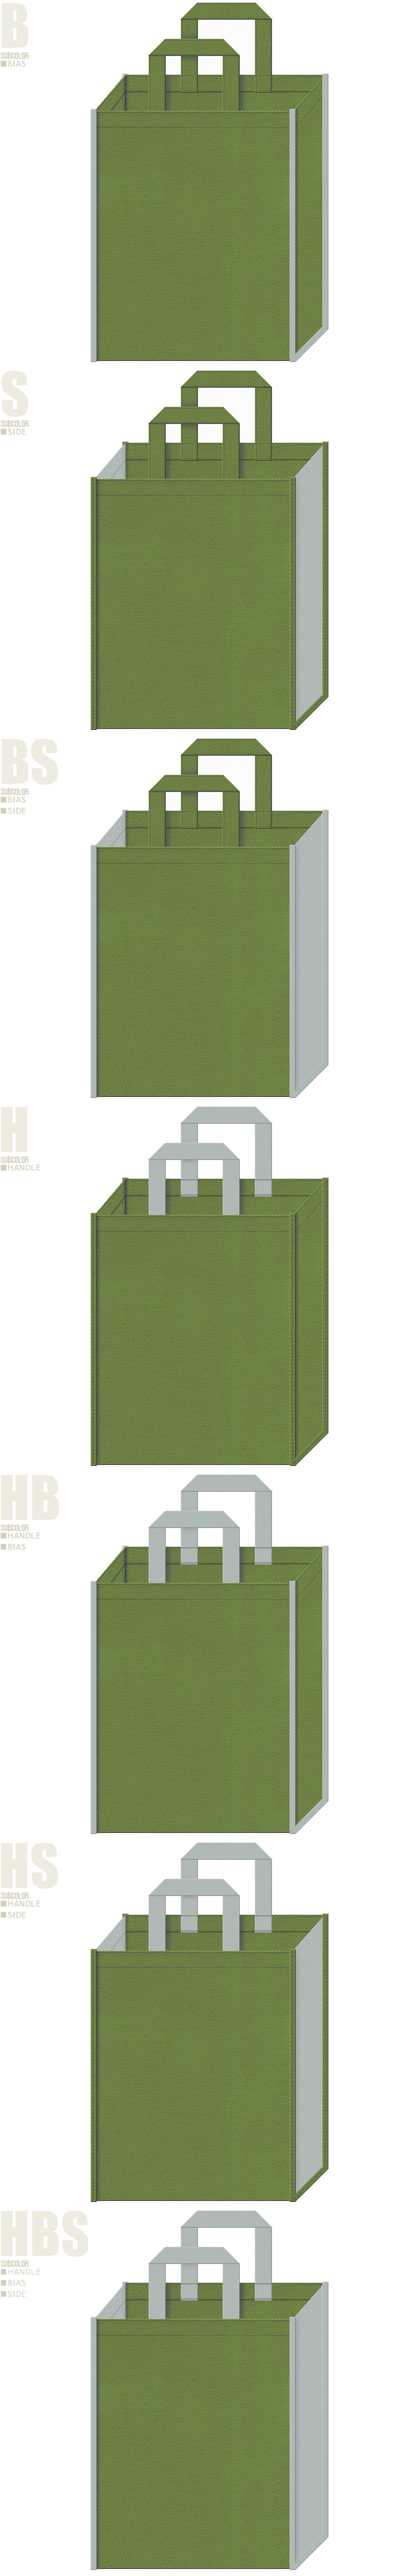 草色とグレー色、7パターンの不織布トートバッグ配色デザイン例。